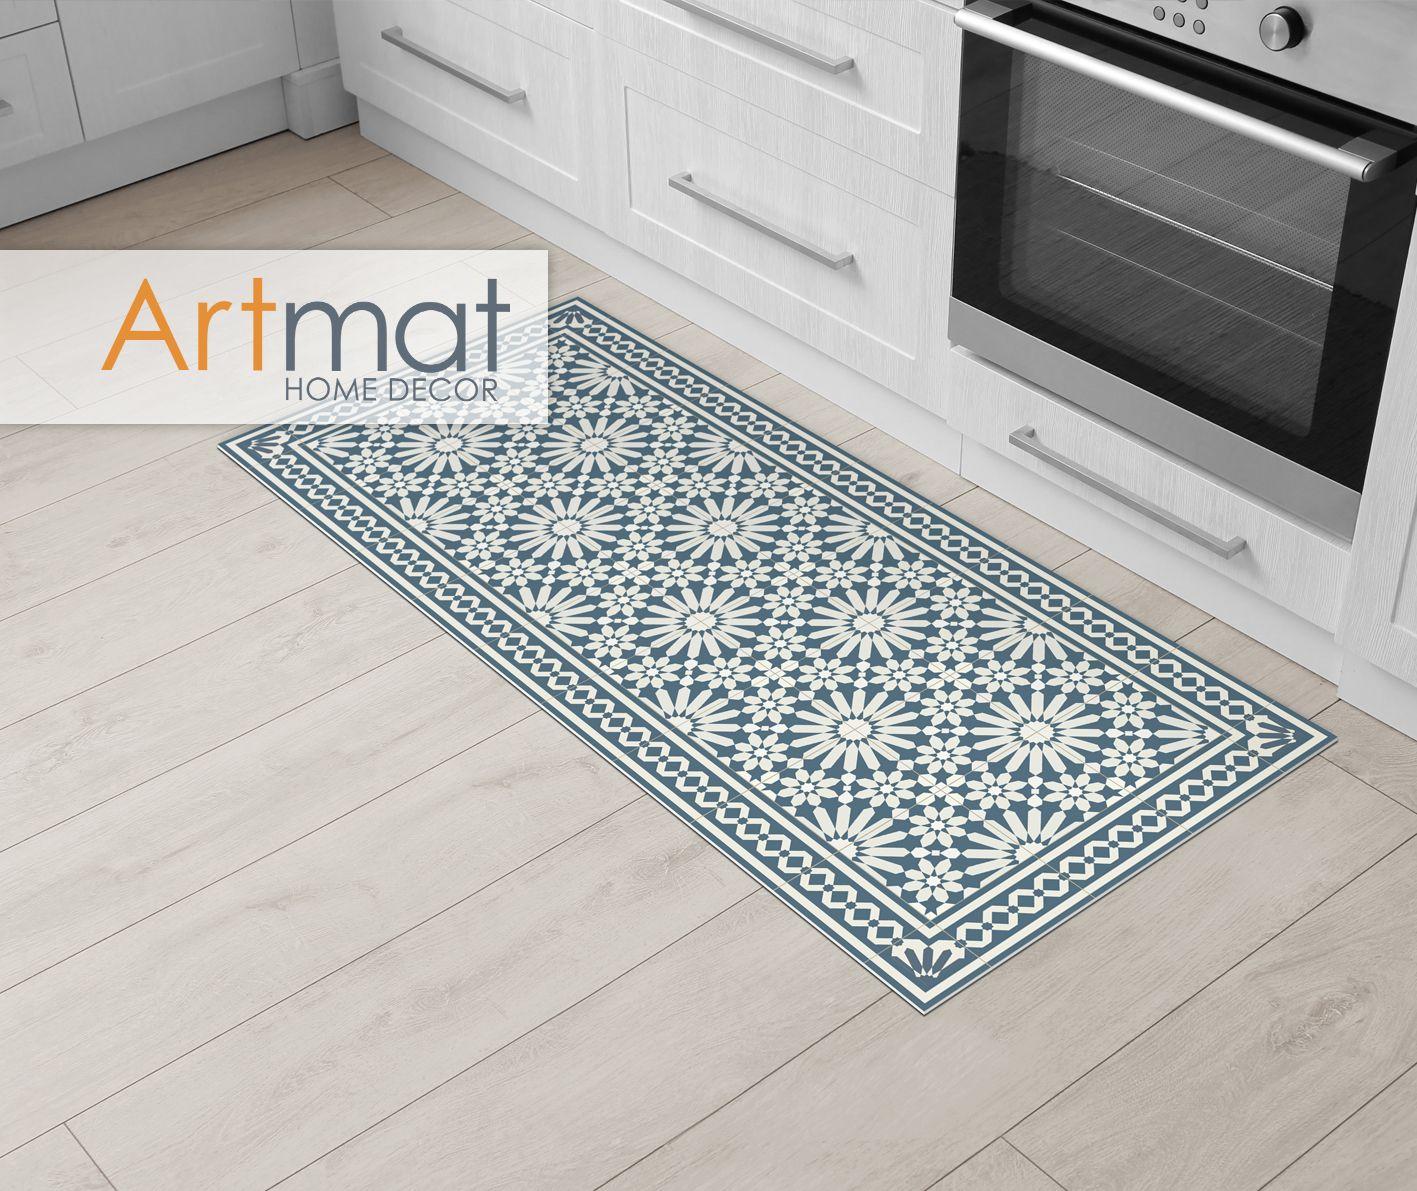 Vinyl Runner Rug Or Hallway Runner With Moroccan Tiles Design In